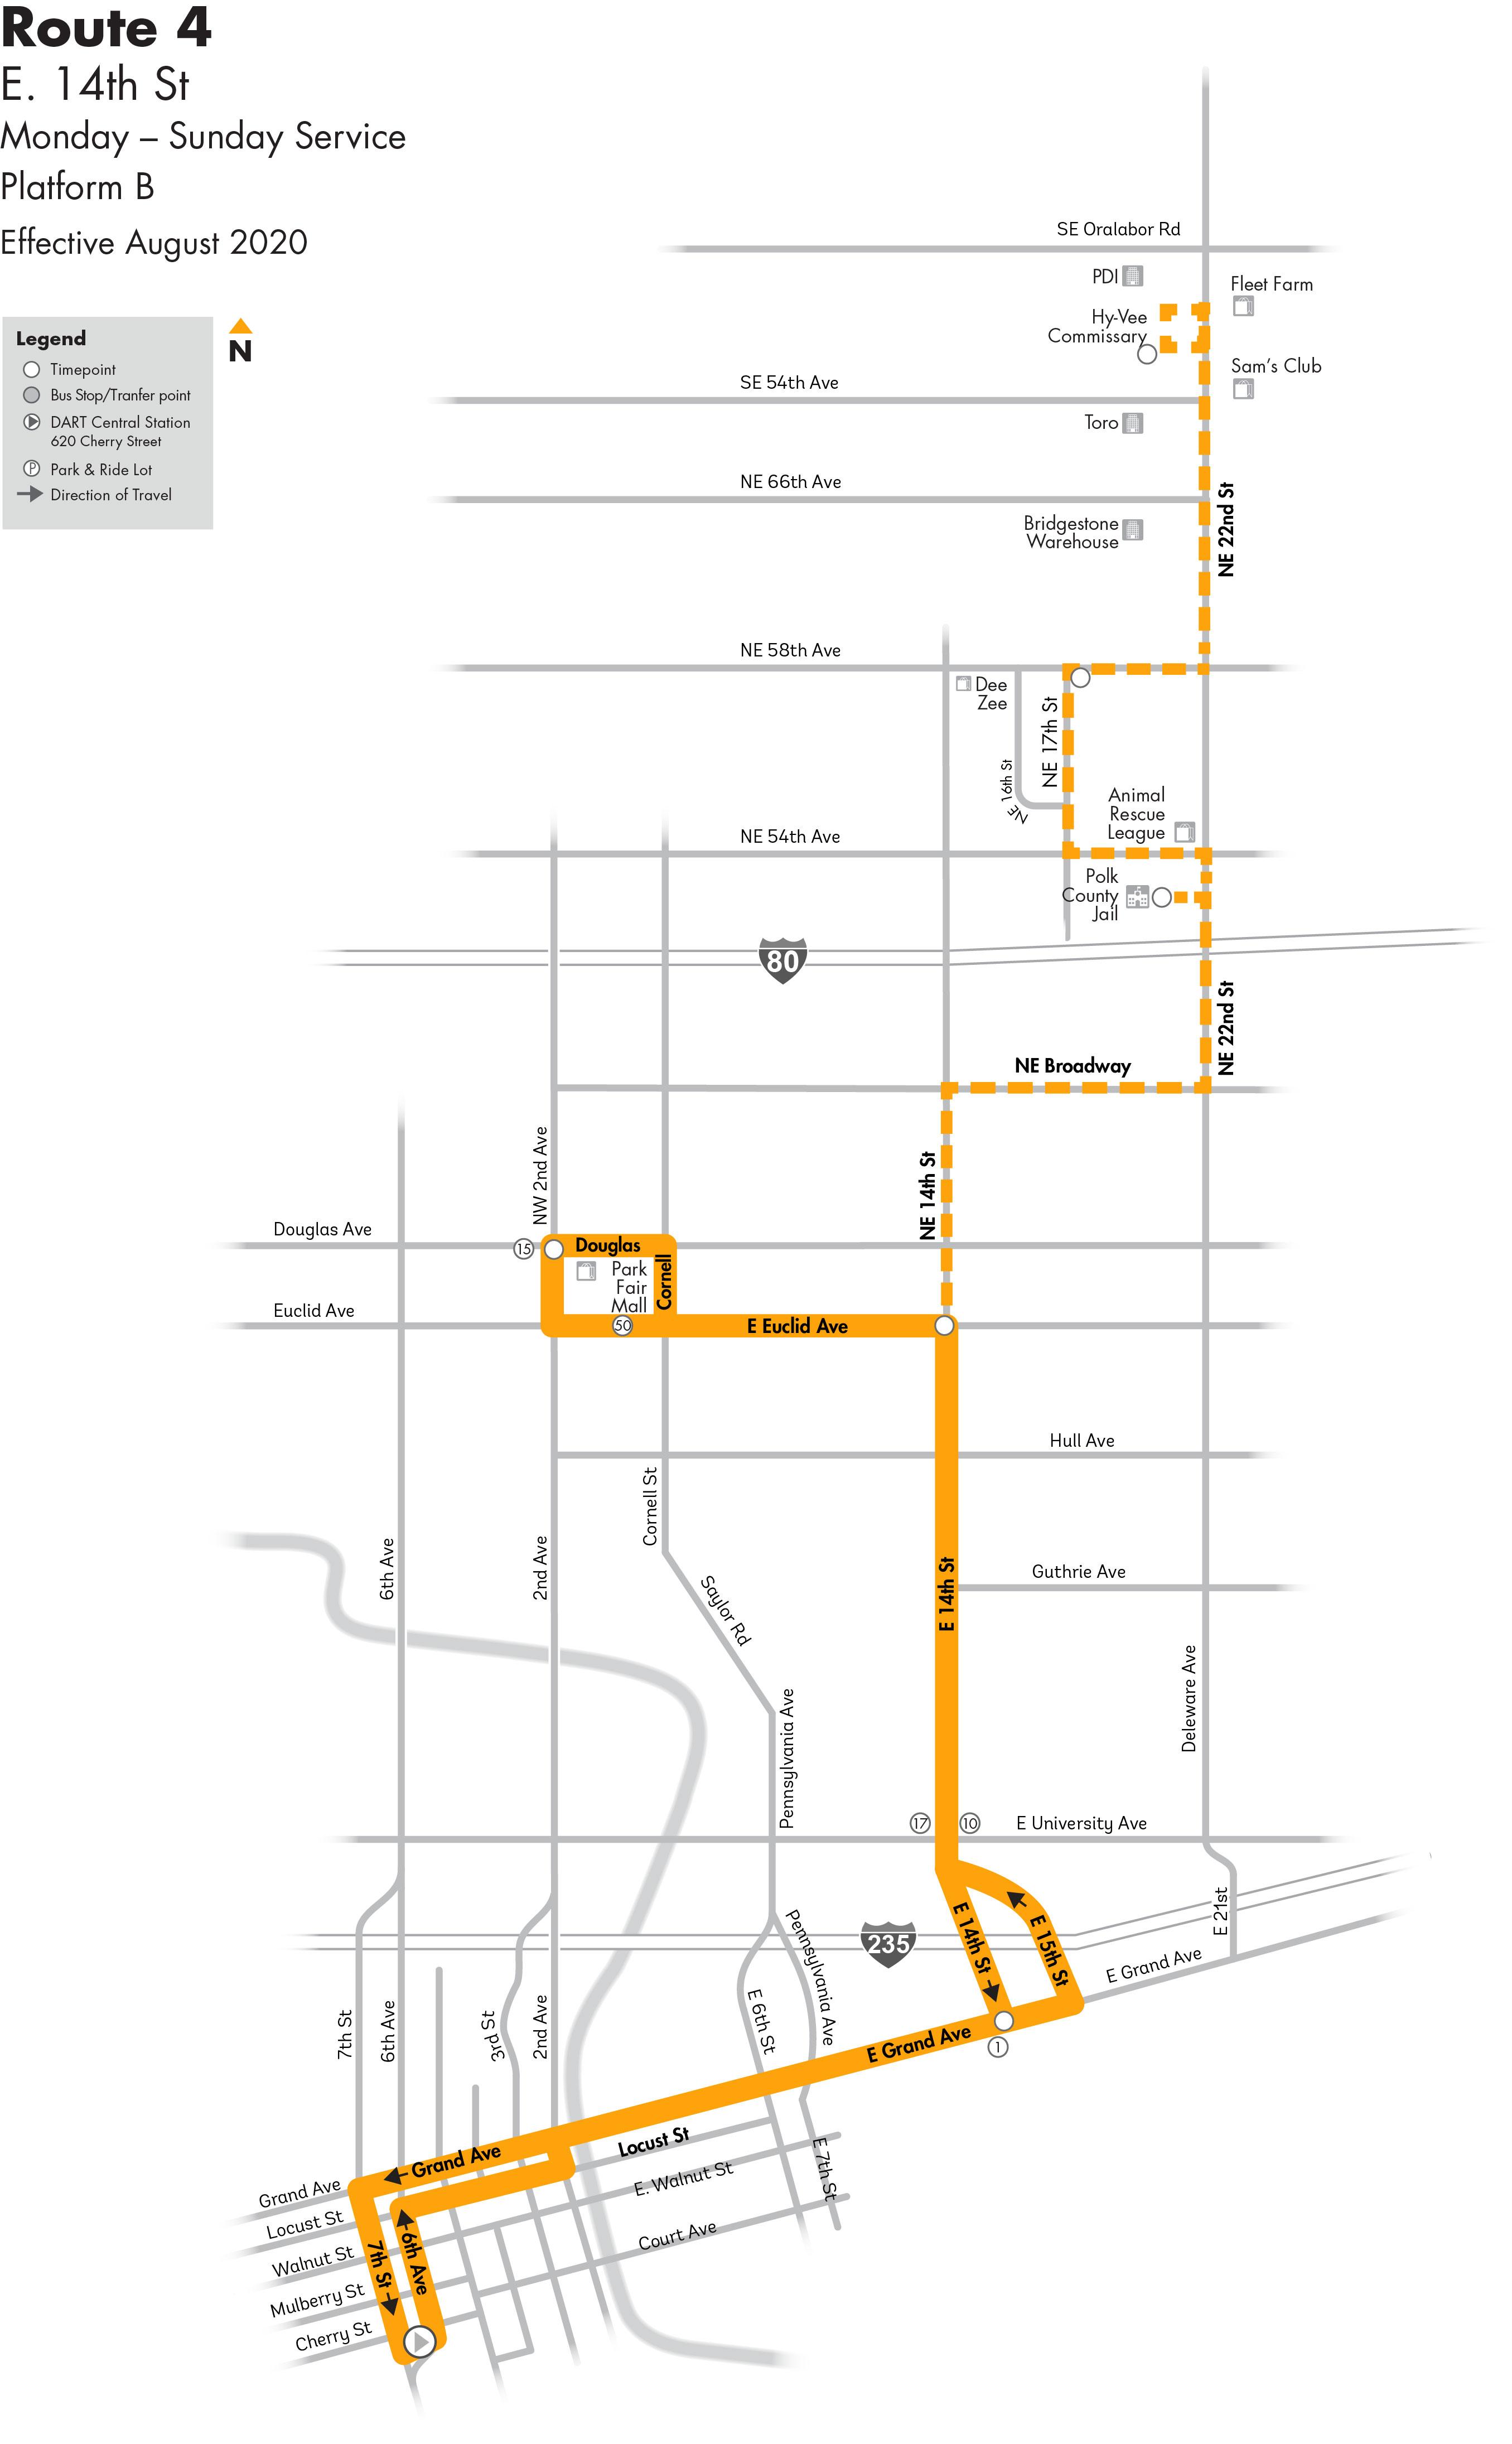 DART Local Route 4 - E 14th St Map